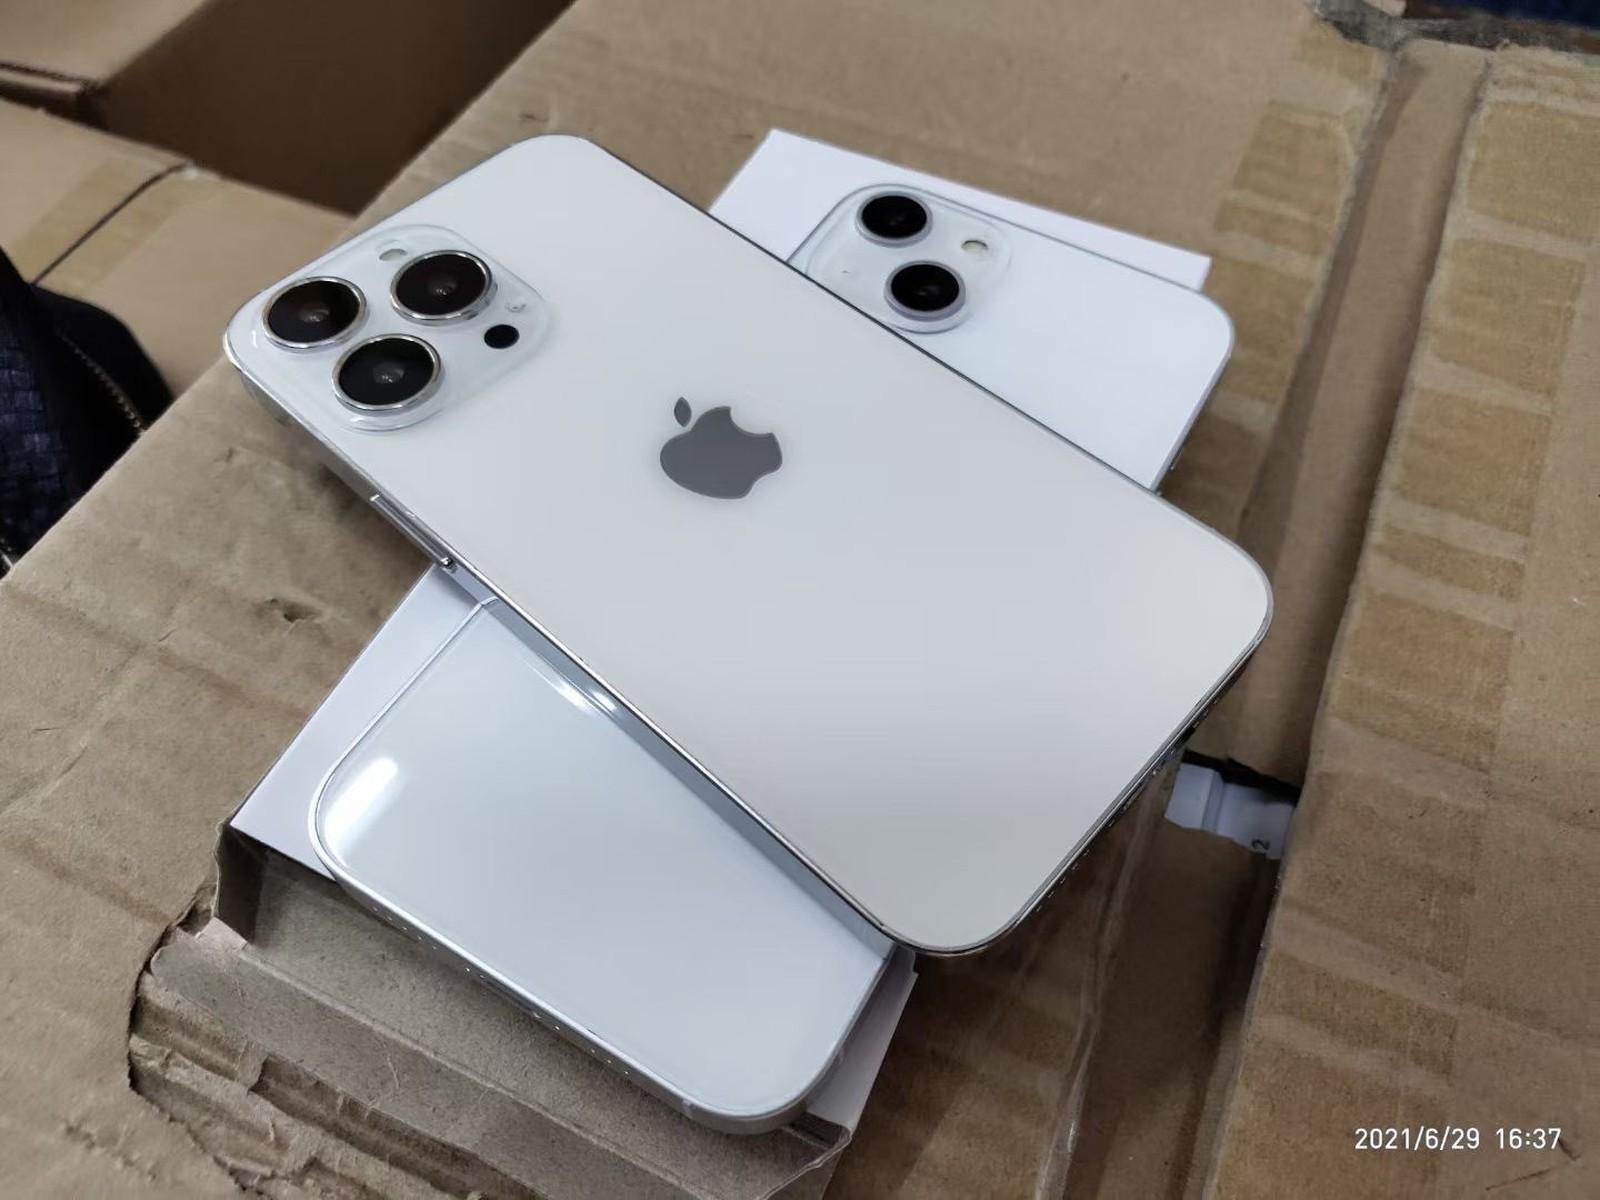 iPhone 13 maketa ukazuje také nové uspořádání objektivů v zadní části